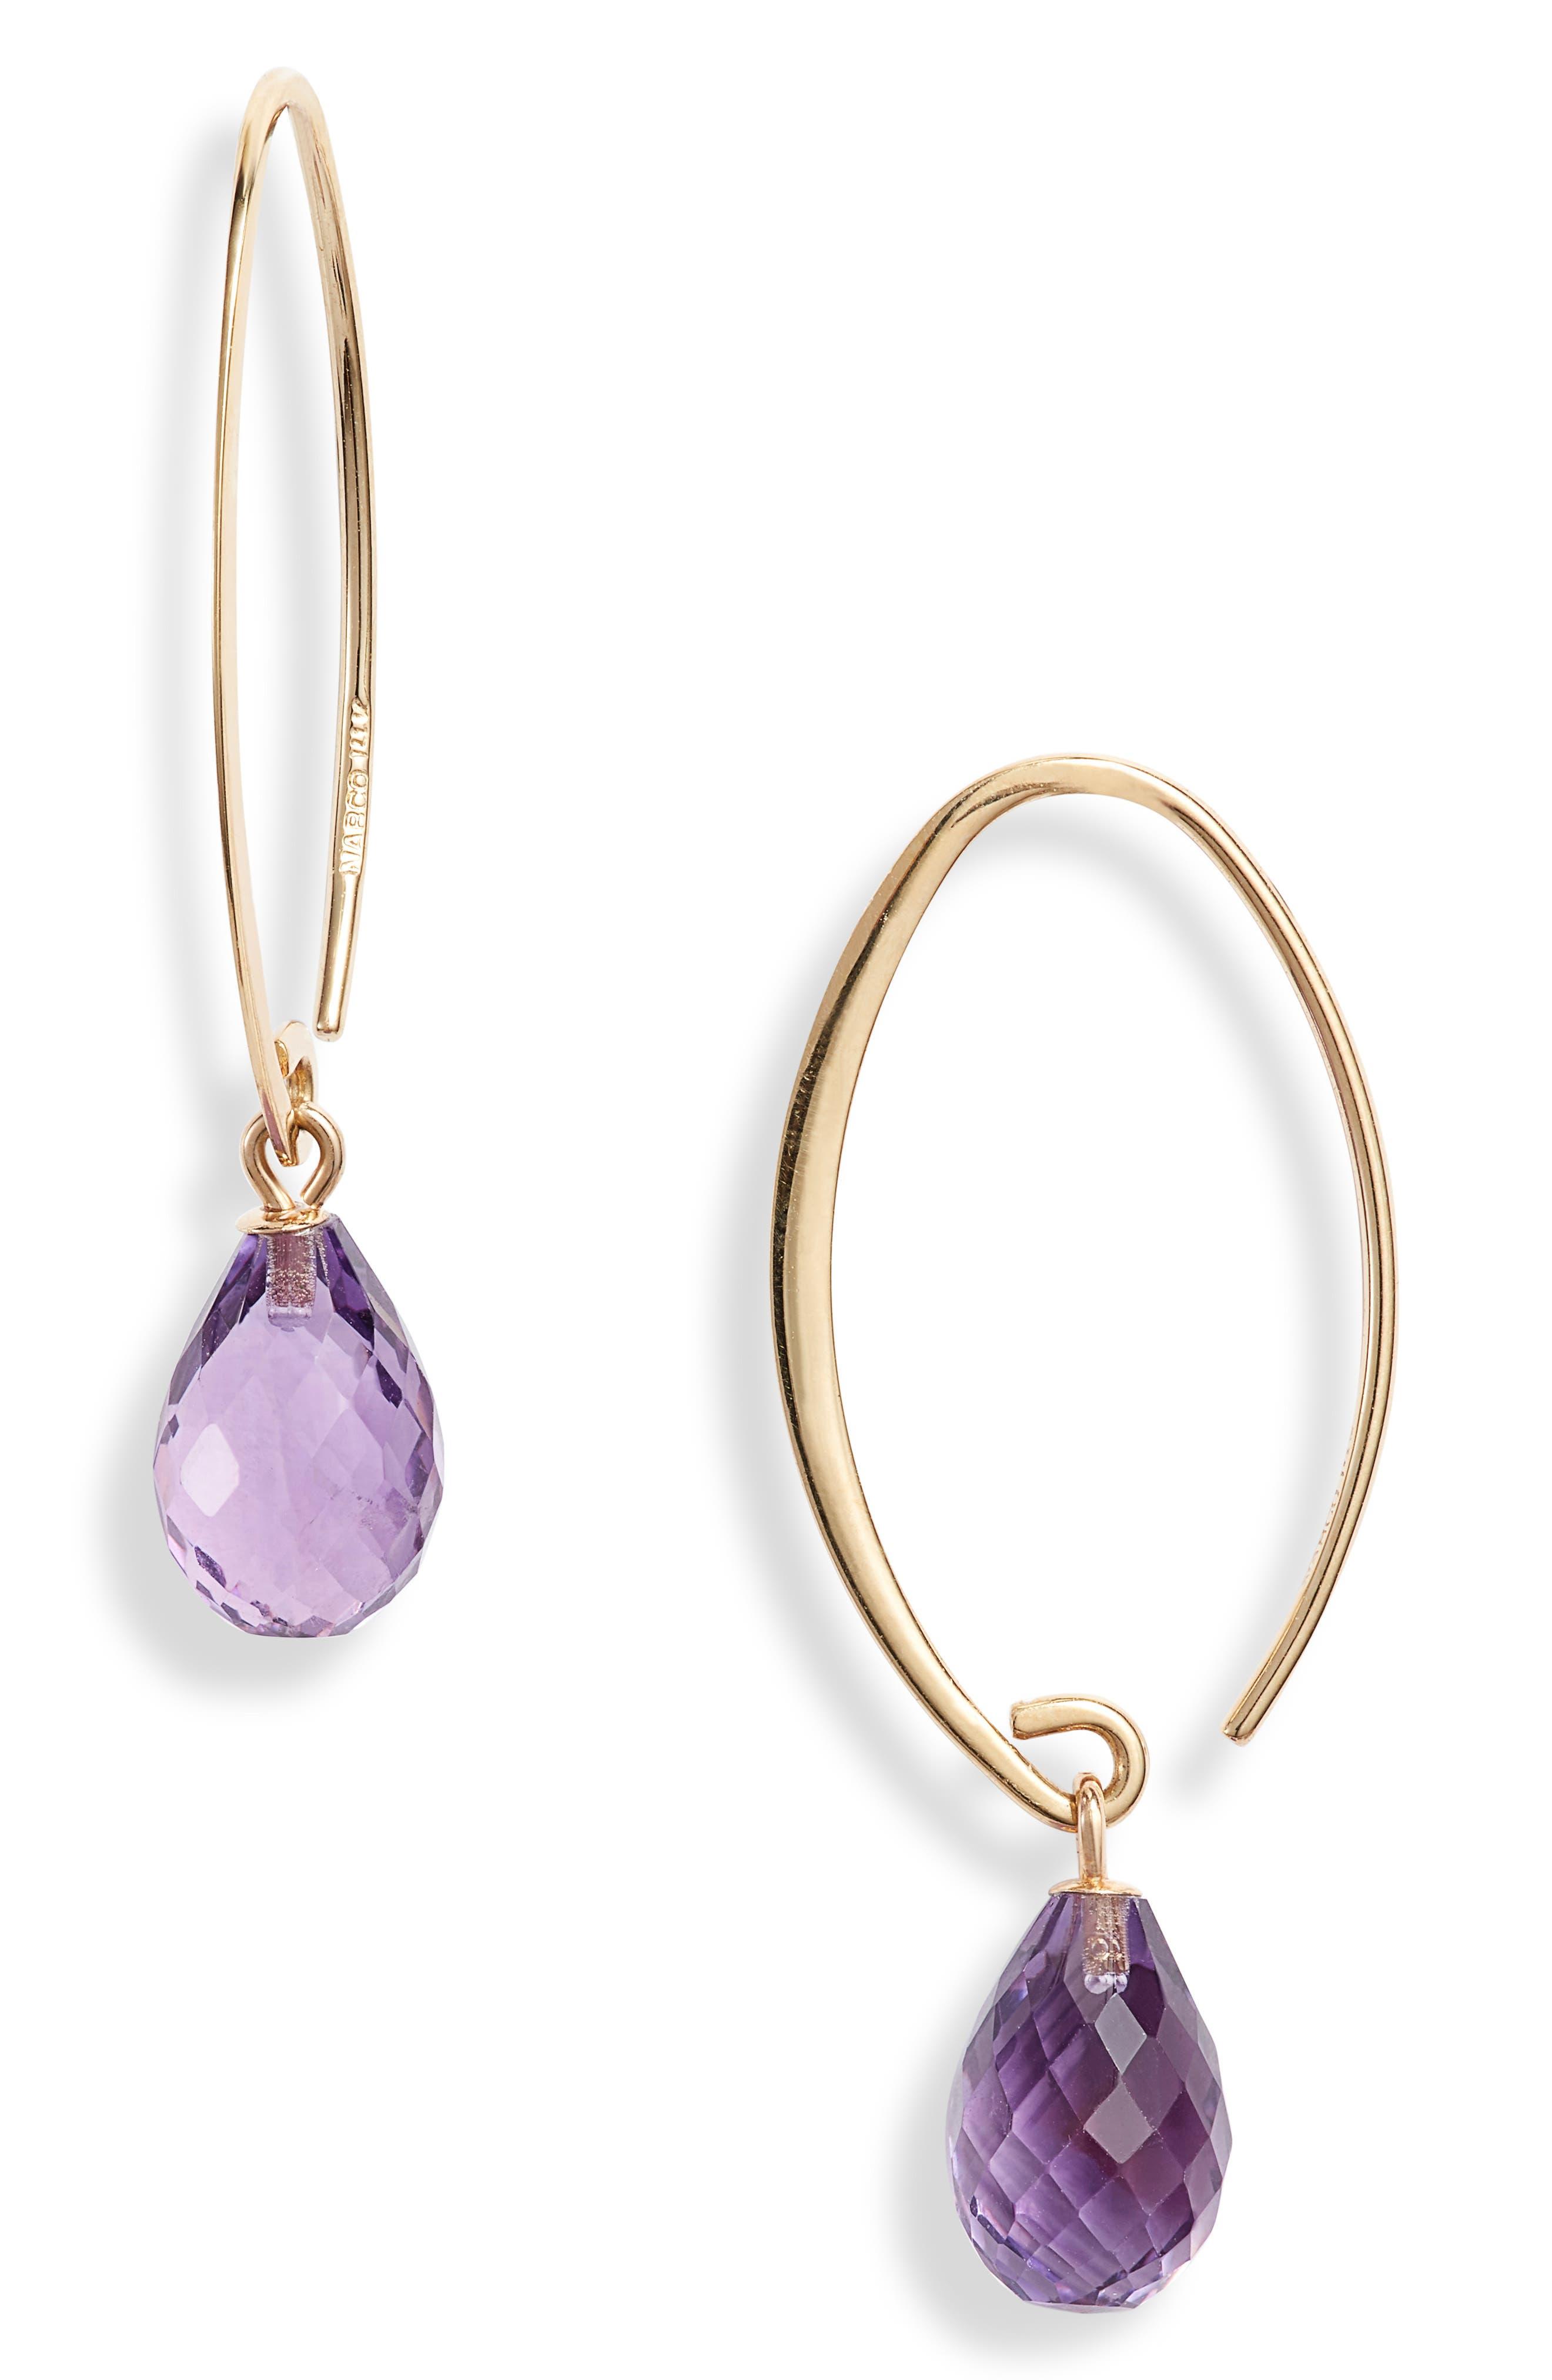 Briolette Gemstone Hoop Earrings